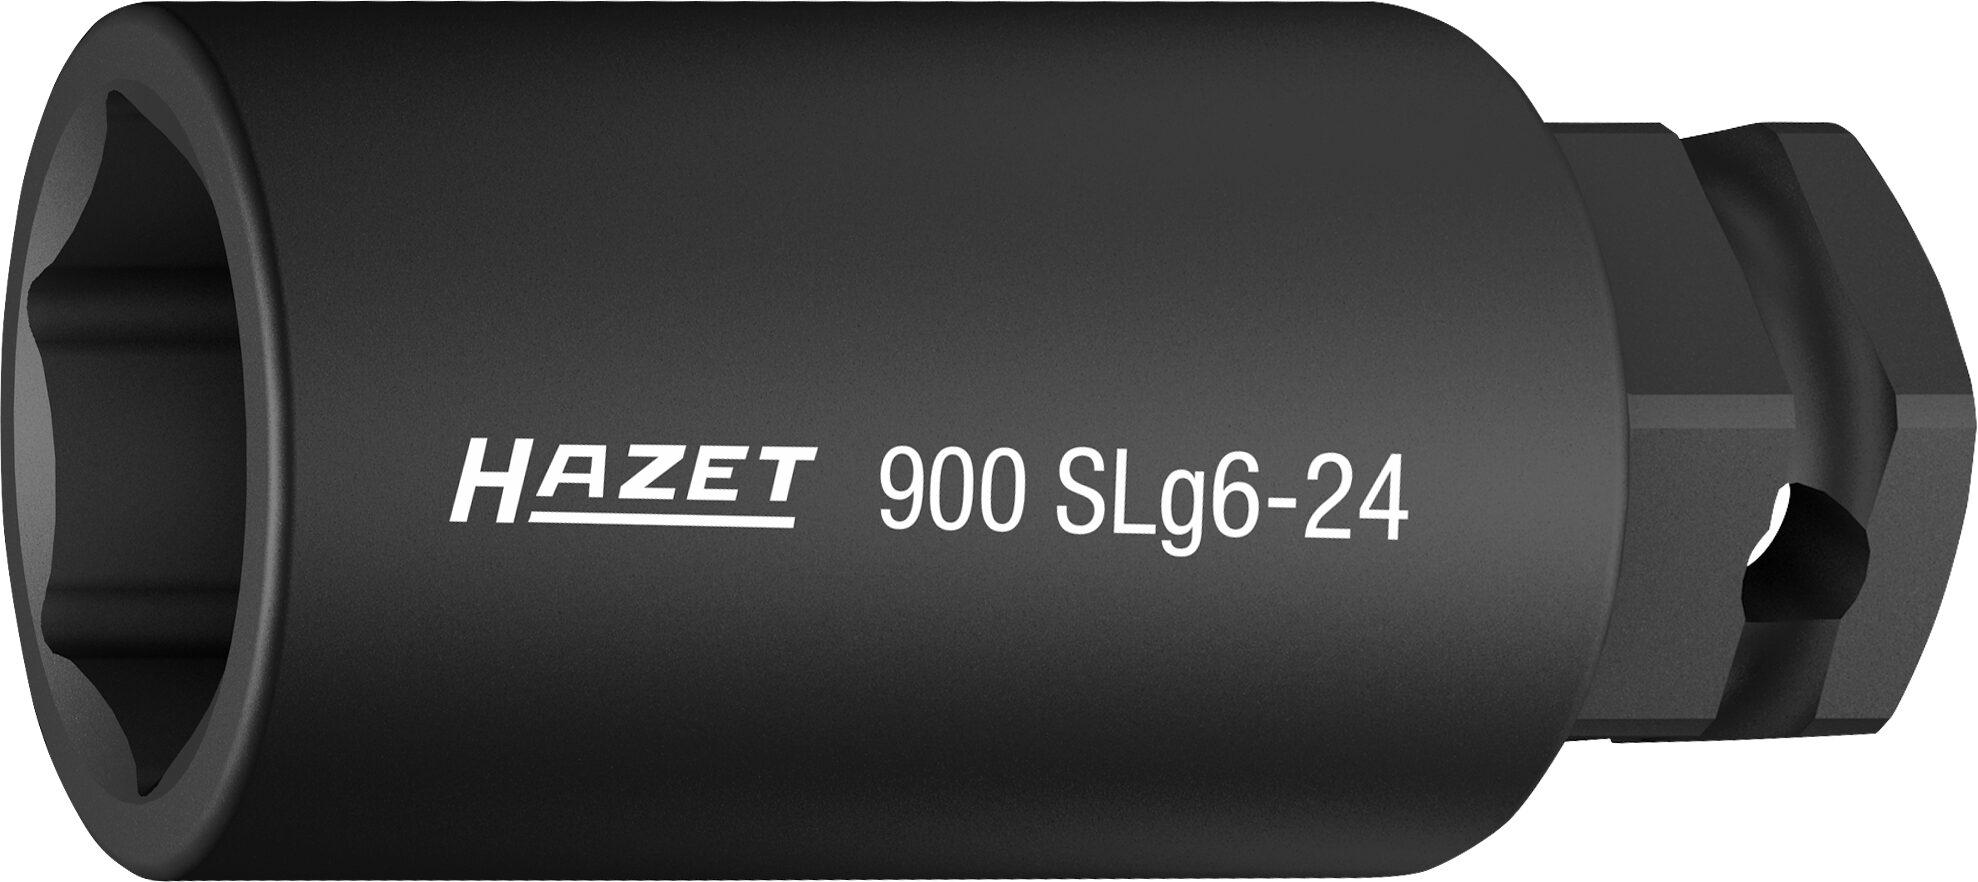 HAZET Schlag- ∙ Maschinenschrauber Steckschlüsseleinsatz ∙ Sechskant 900SLG6-24 ∙ Außen-Sechskant-Tractionsprofil